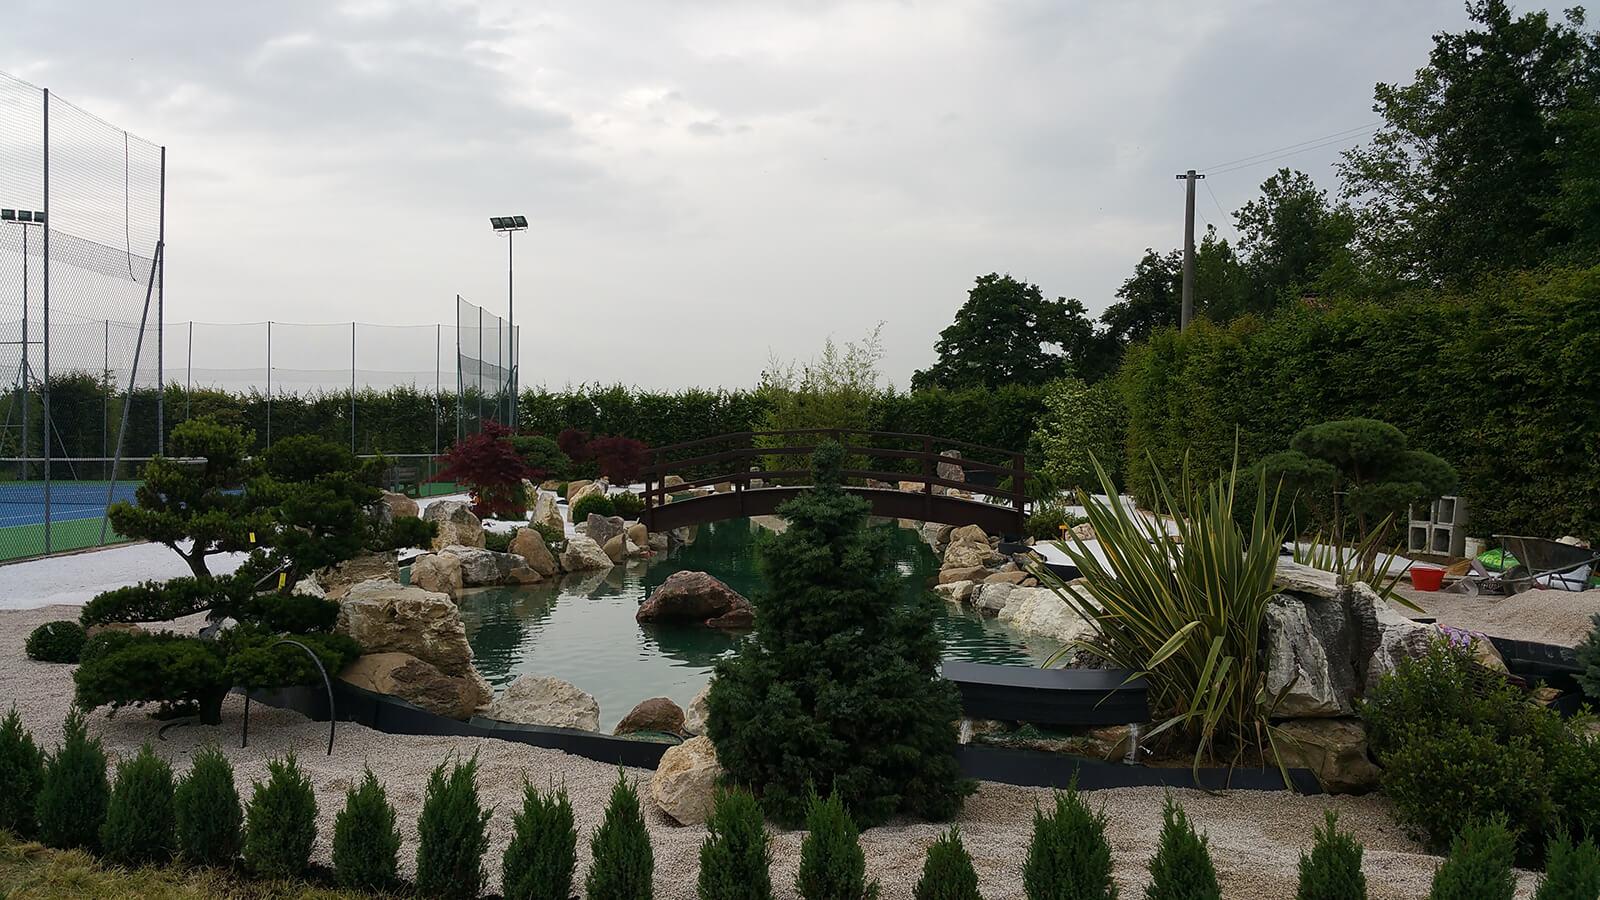 progettazione realizzazione giardini monticello conte otto - verde blu giardini 17